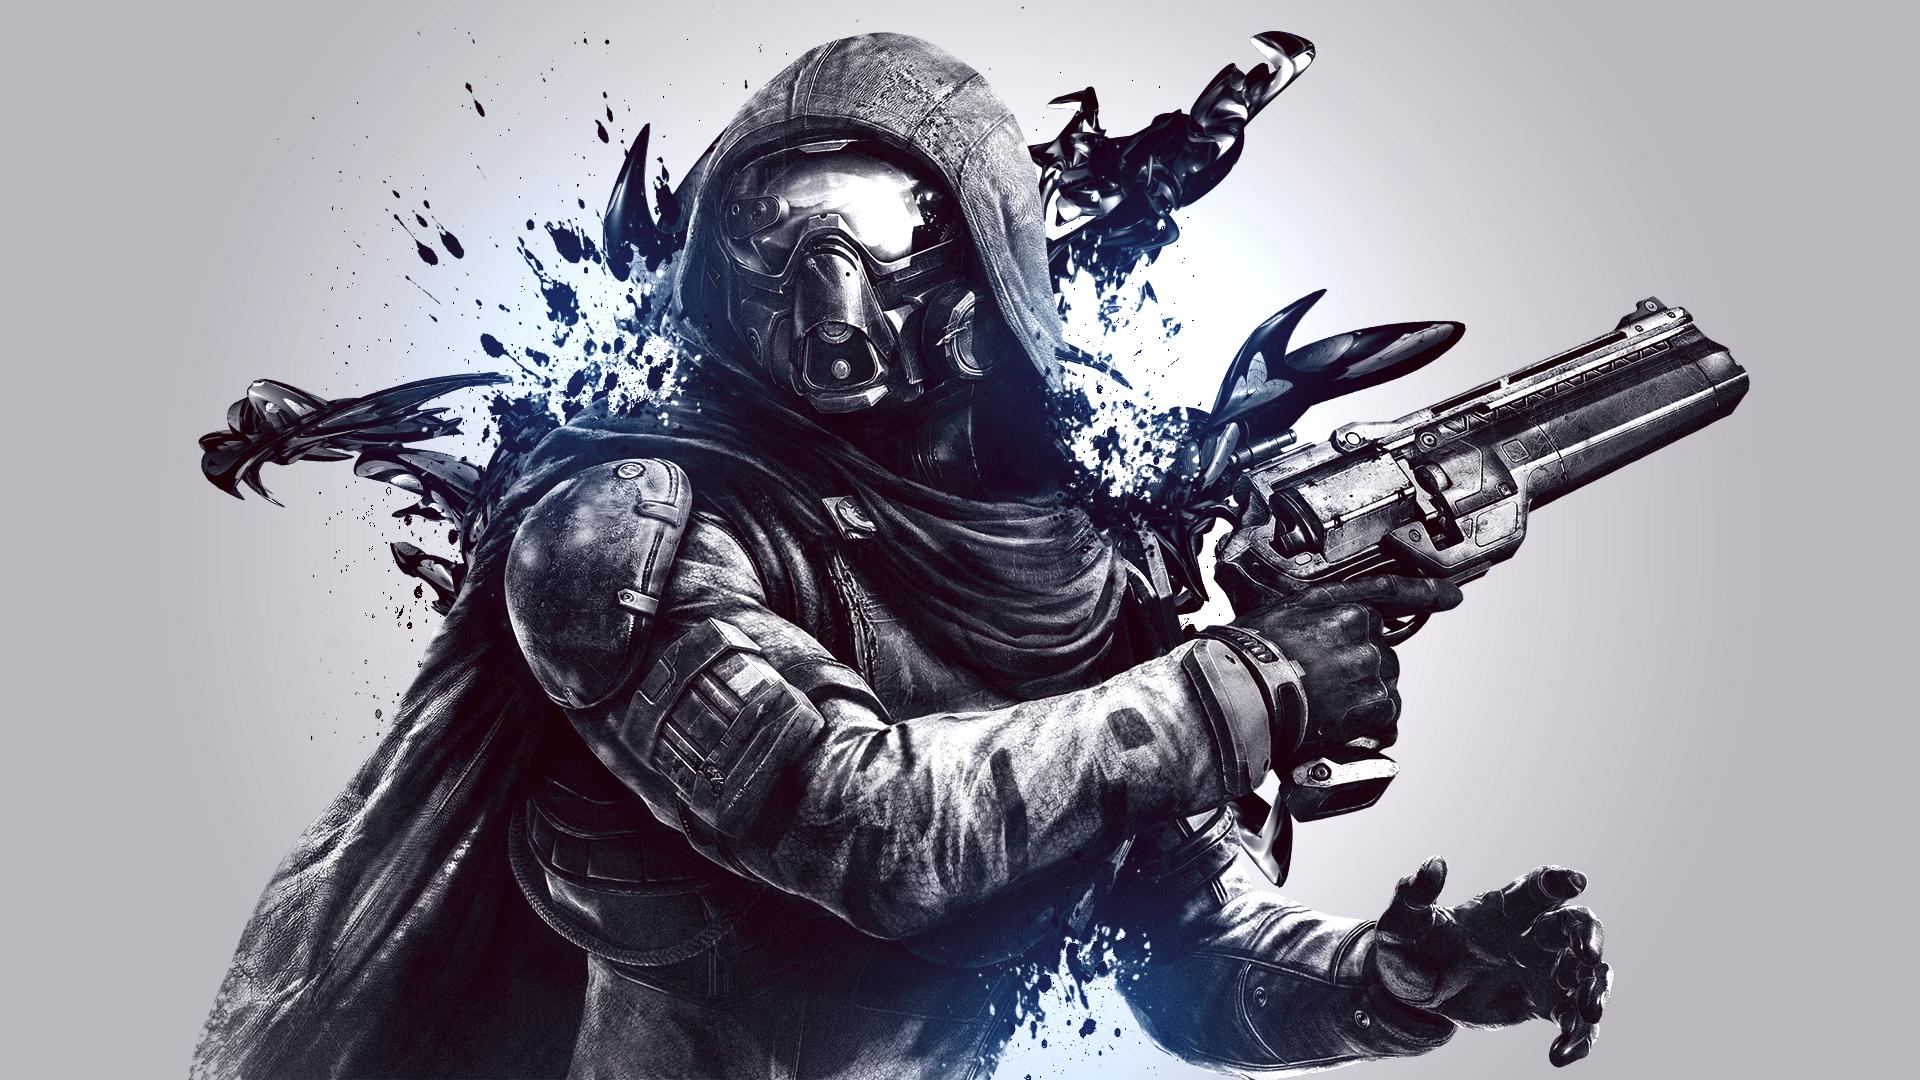 Wallpaper destiny hunter 1920x1080